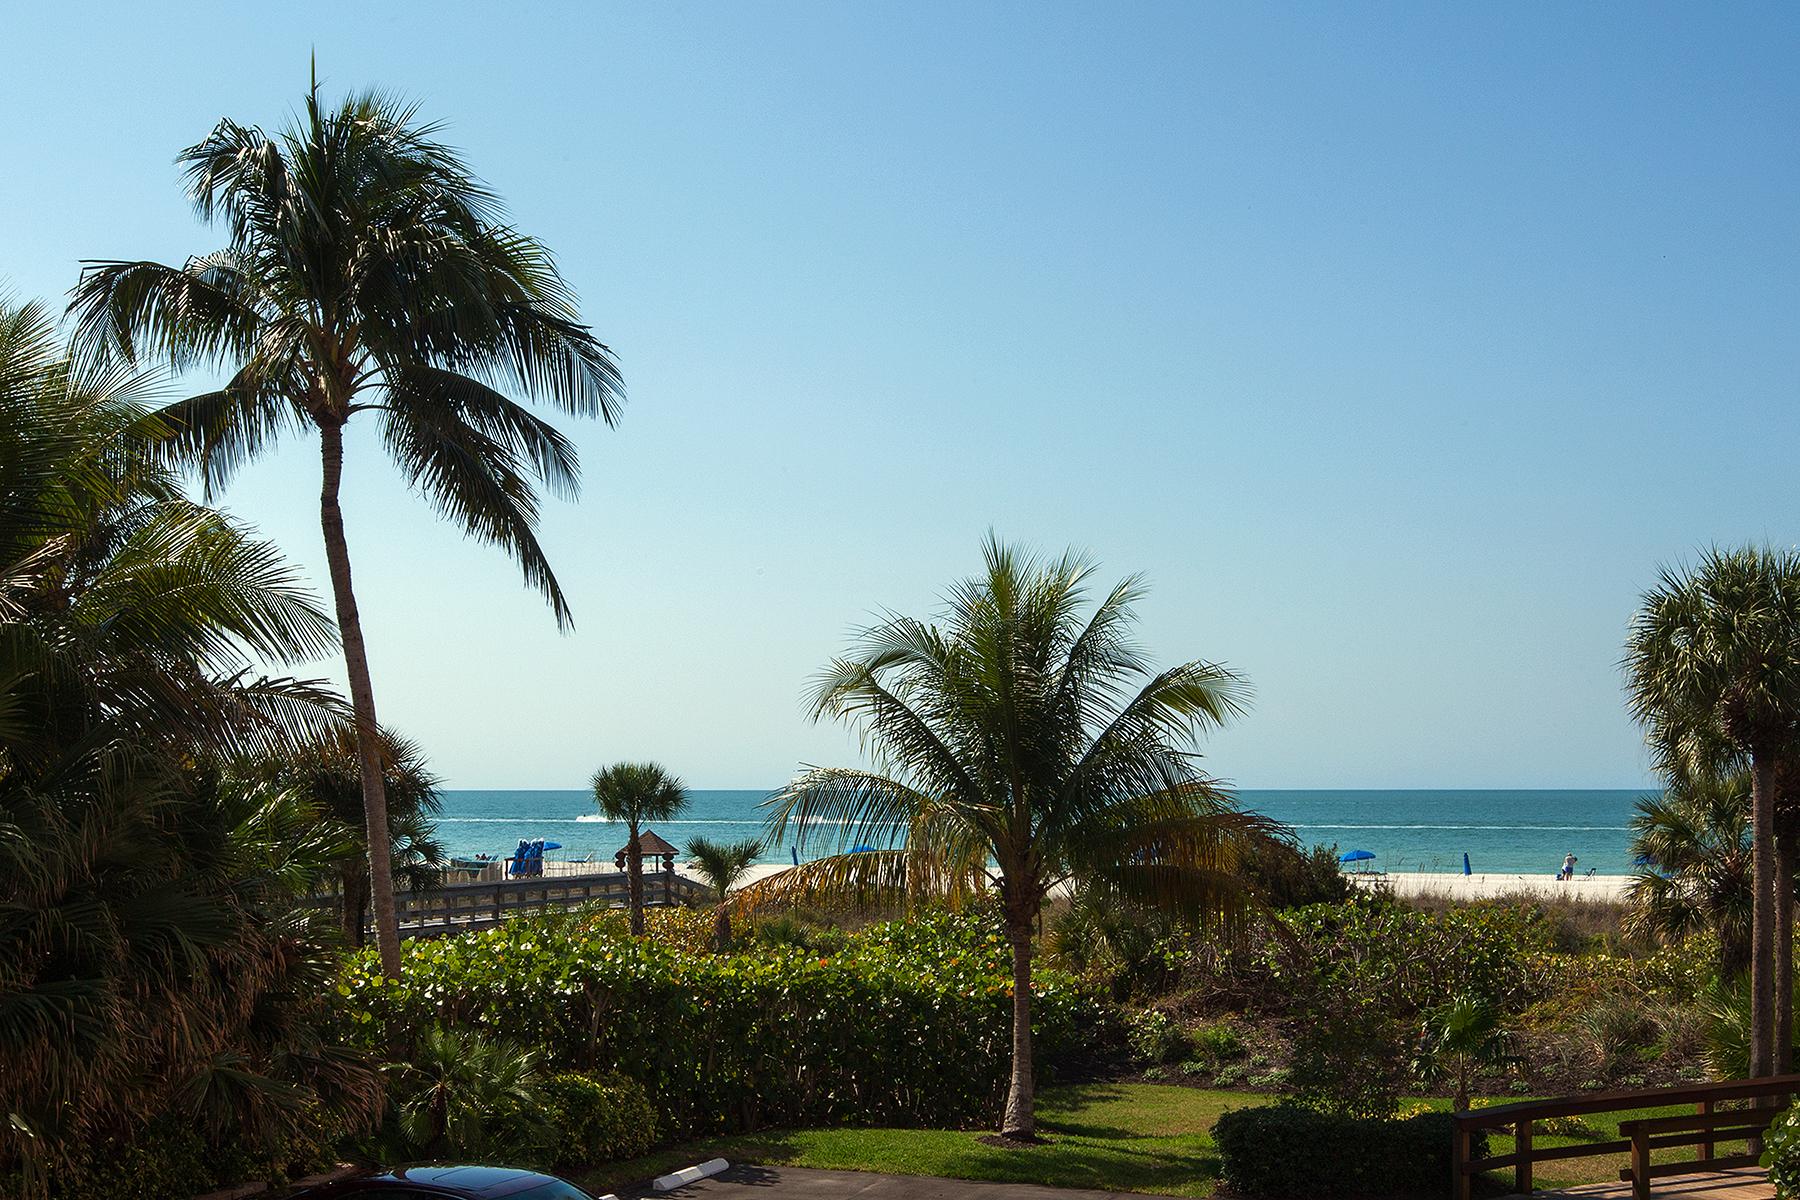 共管式独立产权公寓 为 销售 在 MARCO ISLAND 530 S Collier Blvd 201 马可岛, 佛罗里达州, 34145 美国